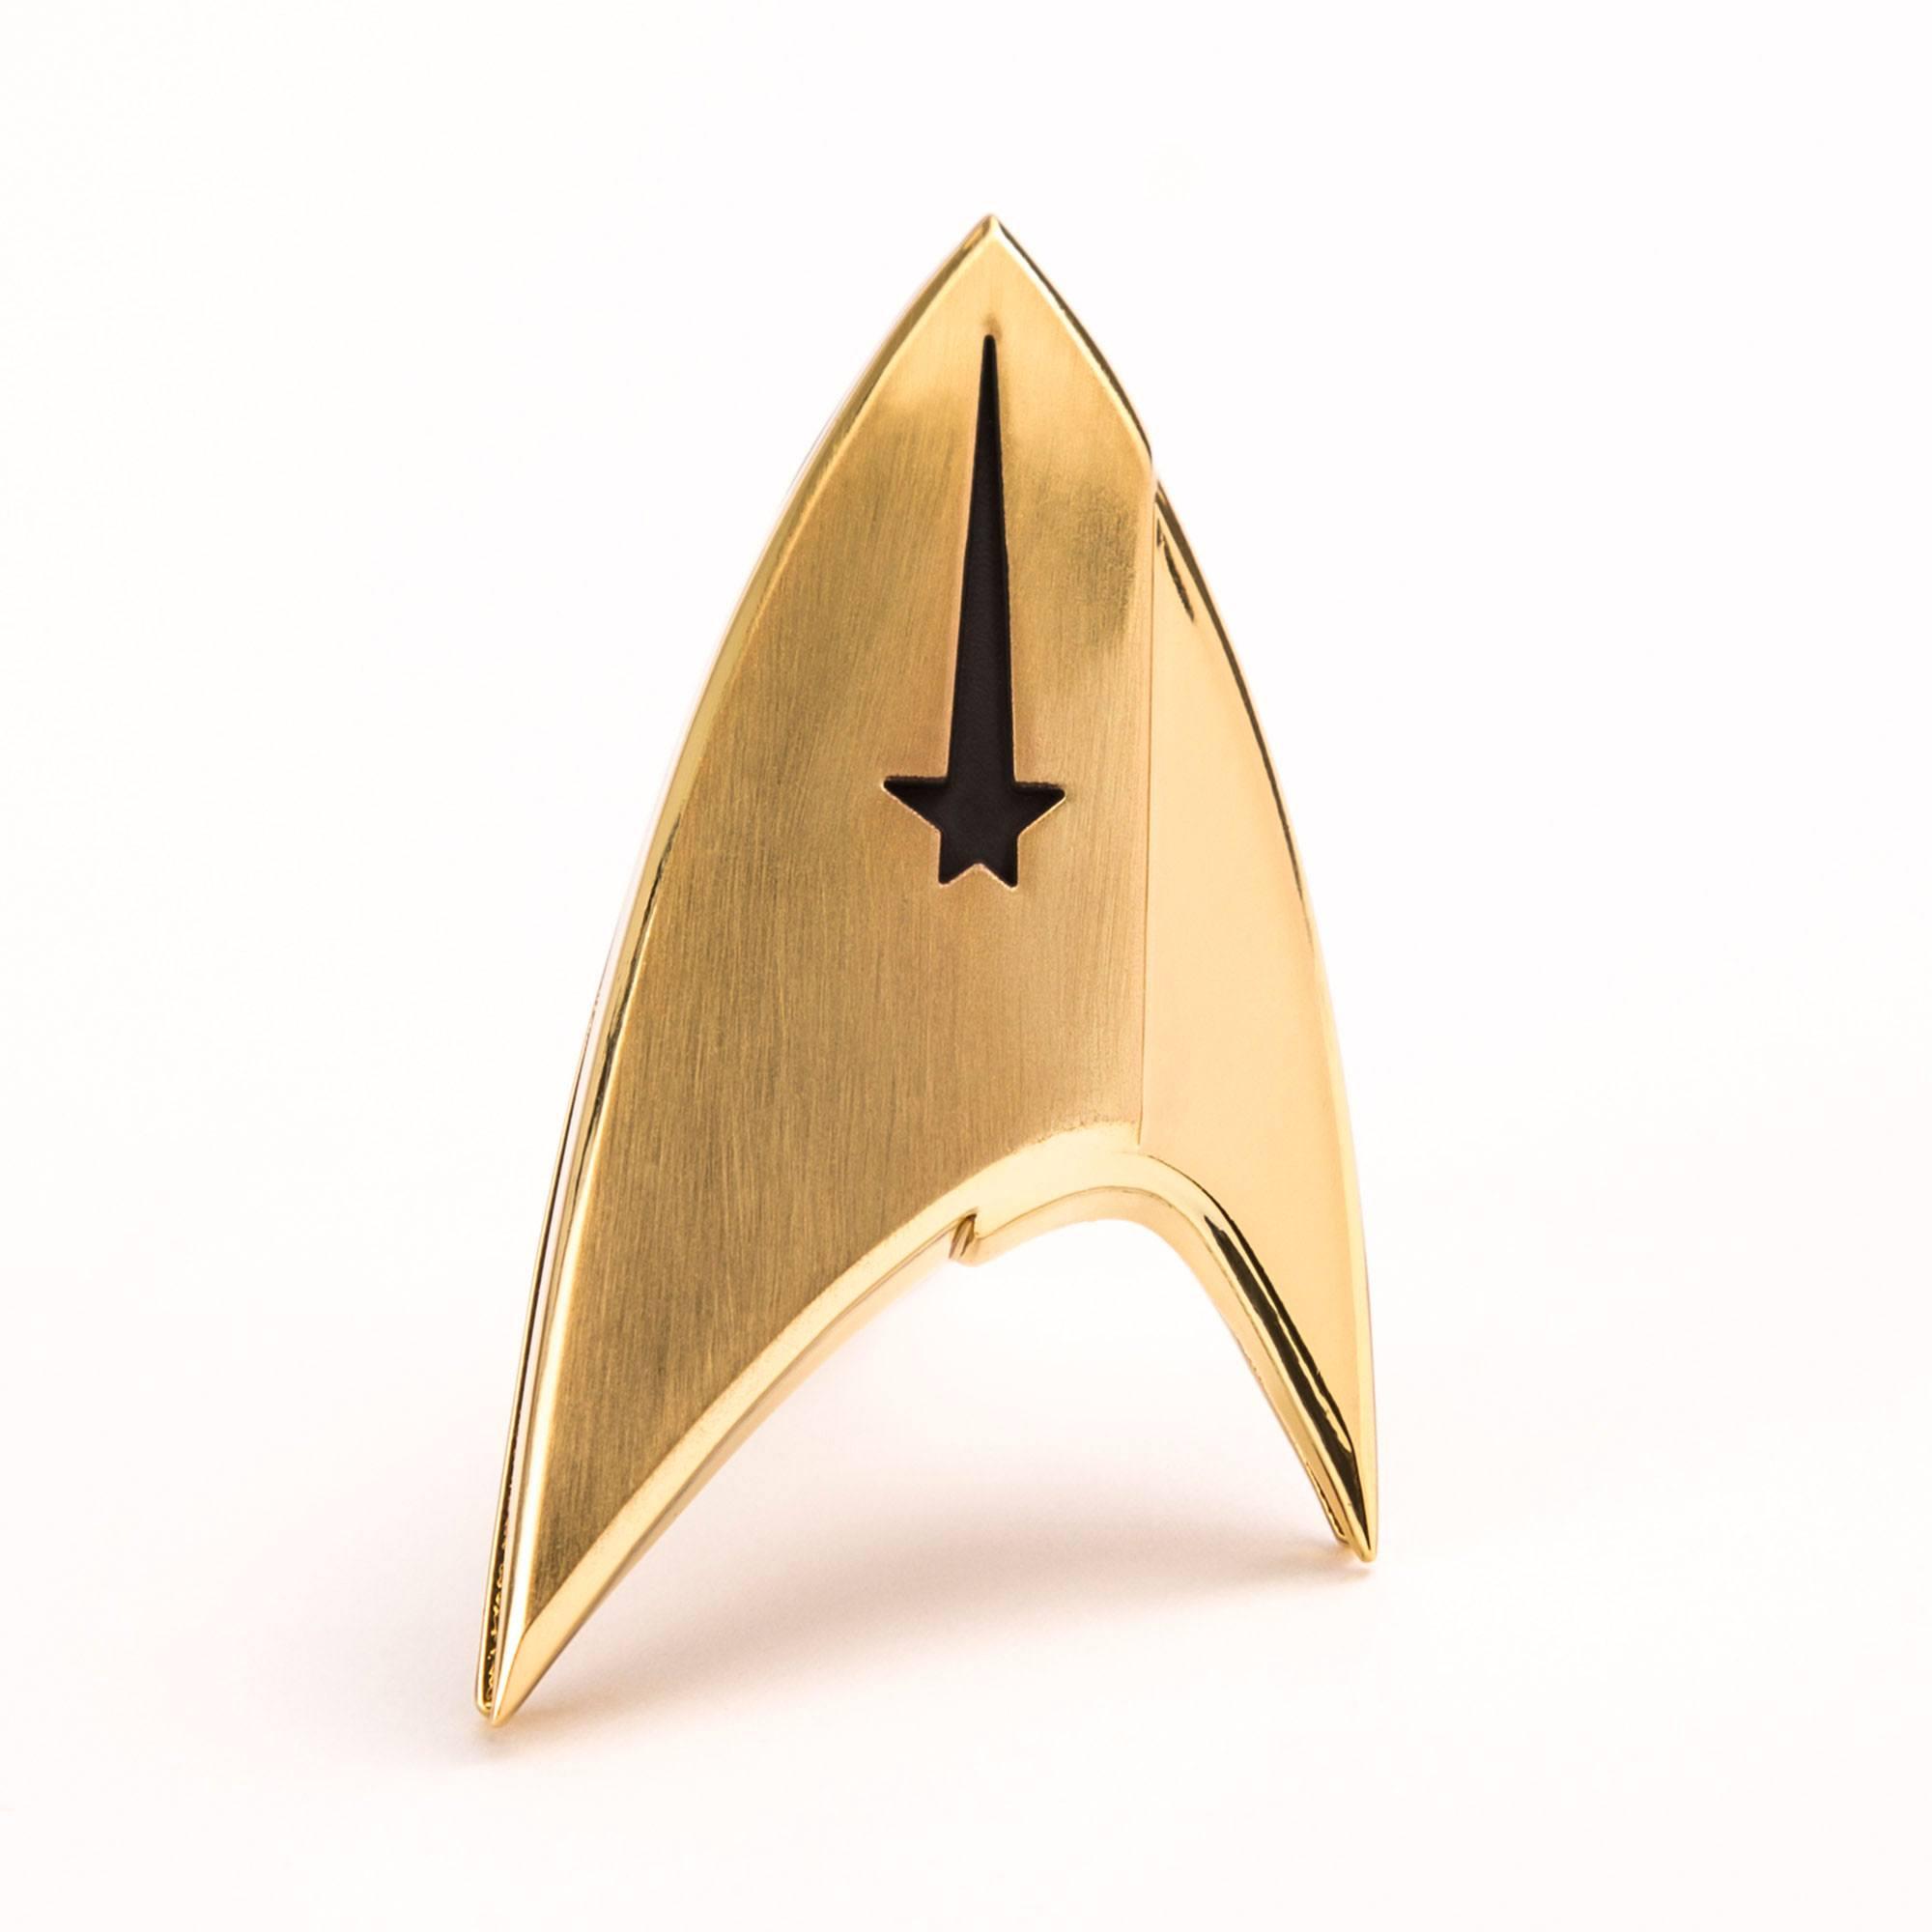 Star Trek Discovery QMX Metal Cadet Starfleet Badge Replica NEW IN STOCK